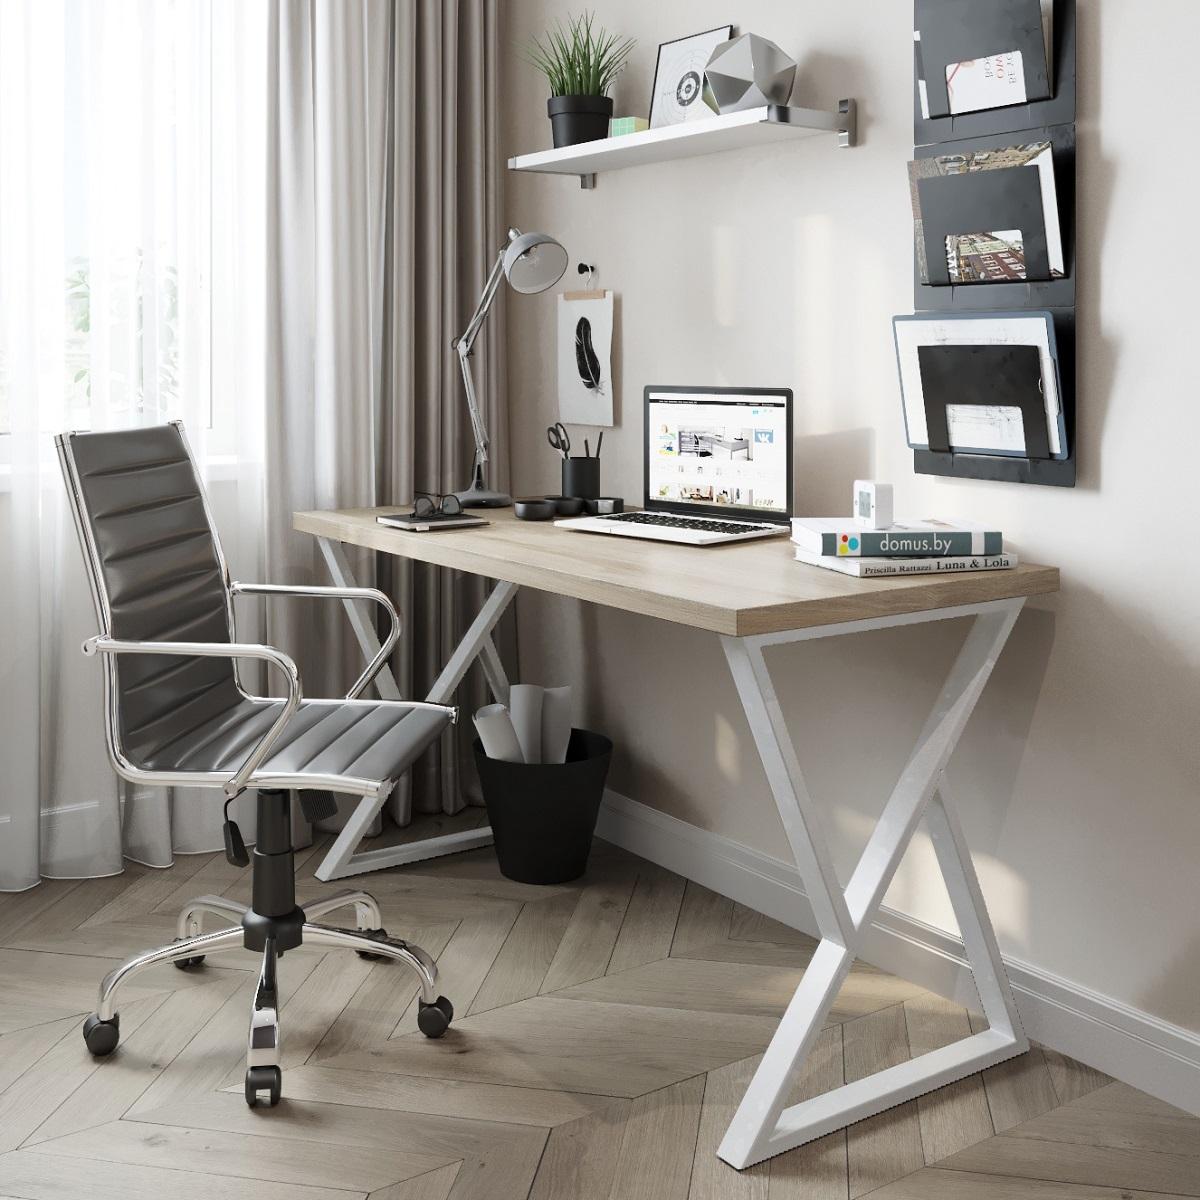 Письменный стол ДОМУС СП014 вяз светлый/металл белый